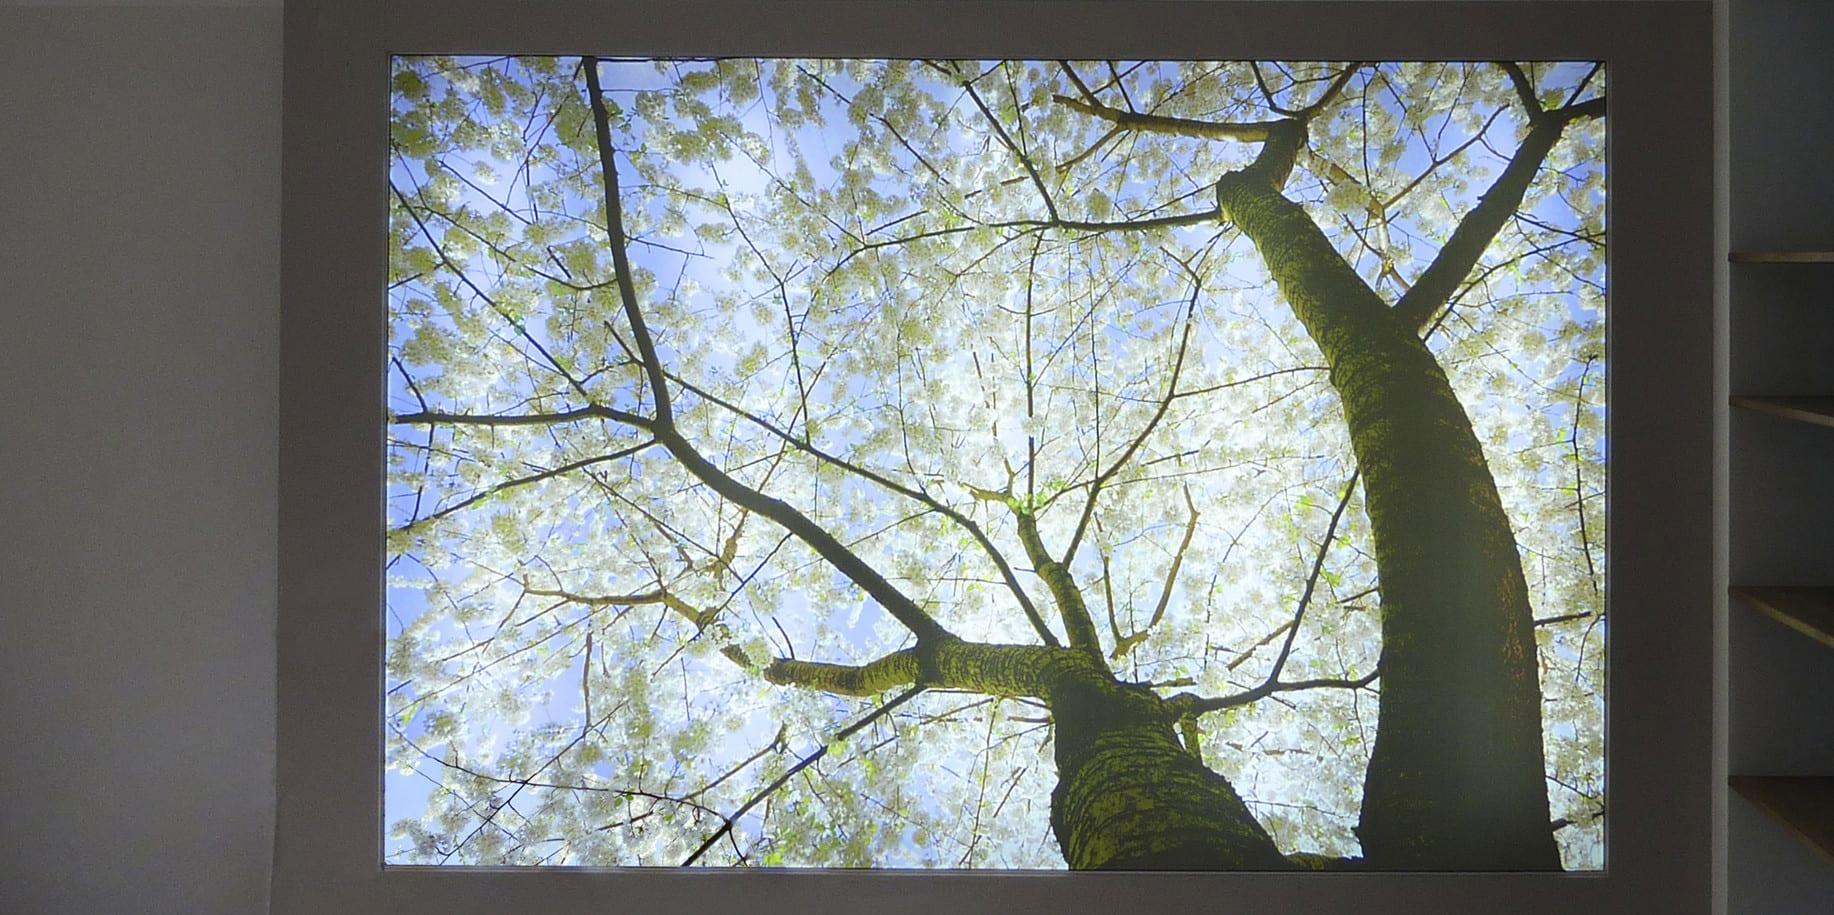 Hinerleuchtete Spanndecke mit Druck Baum und weißen Blüten